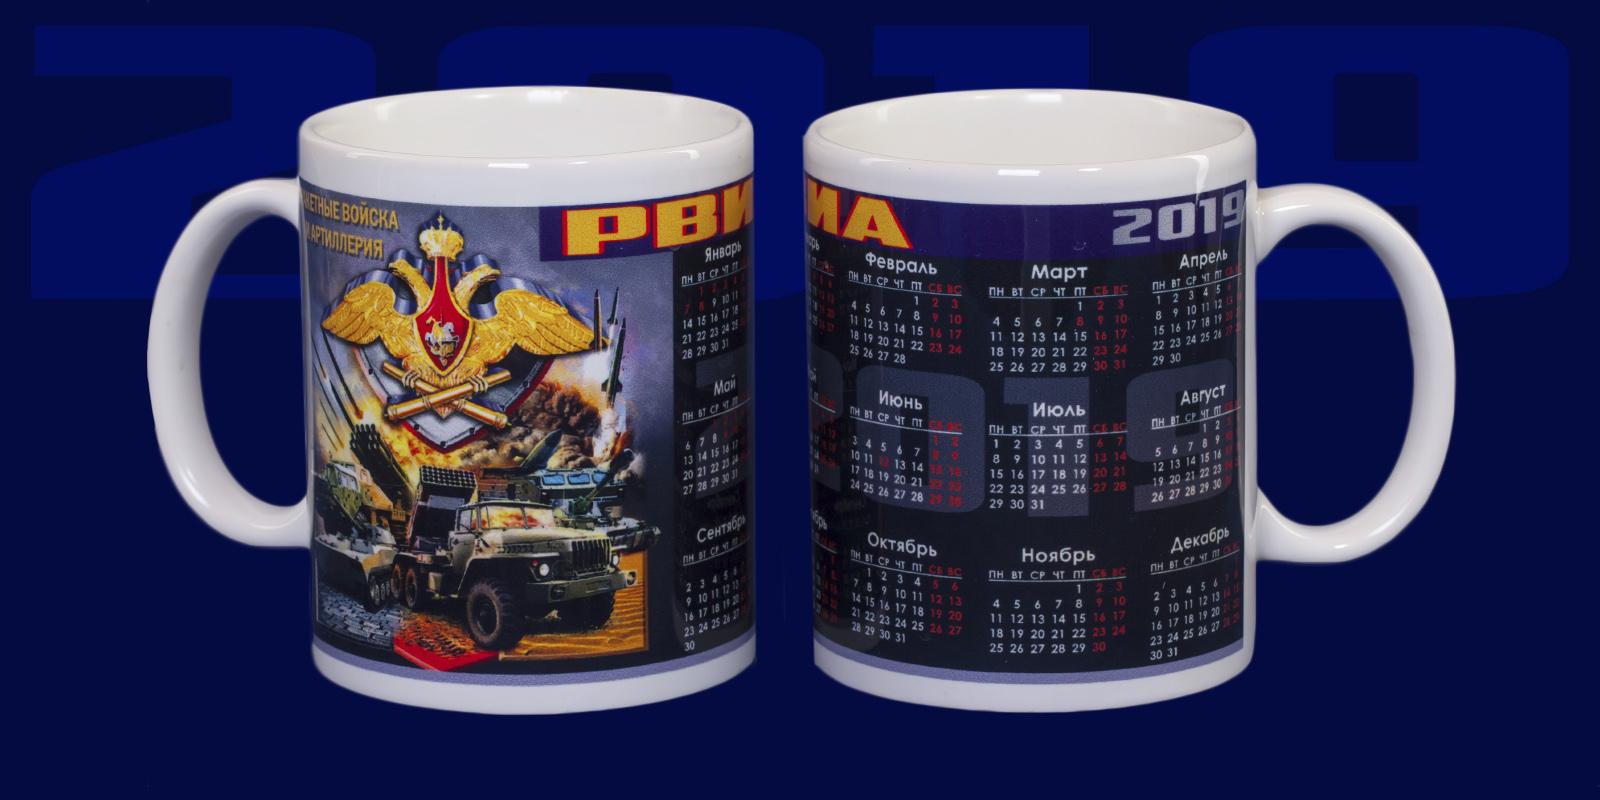 Подарочная кружка с календариком РВиА (2019 год)